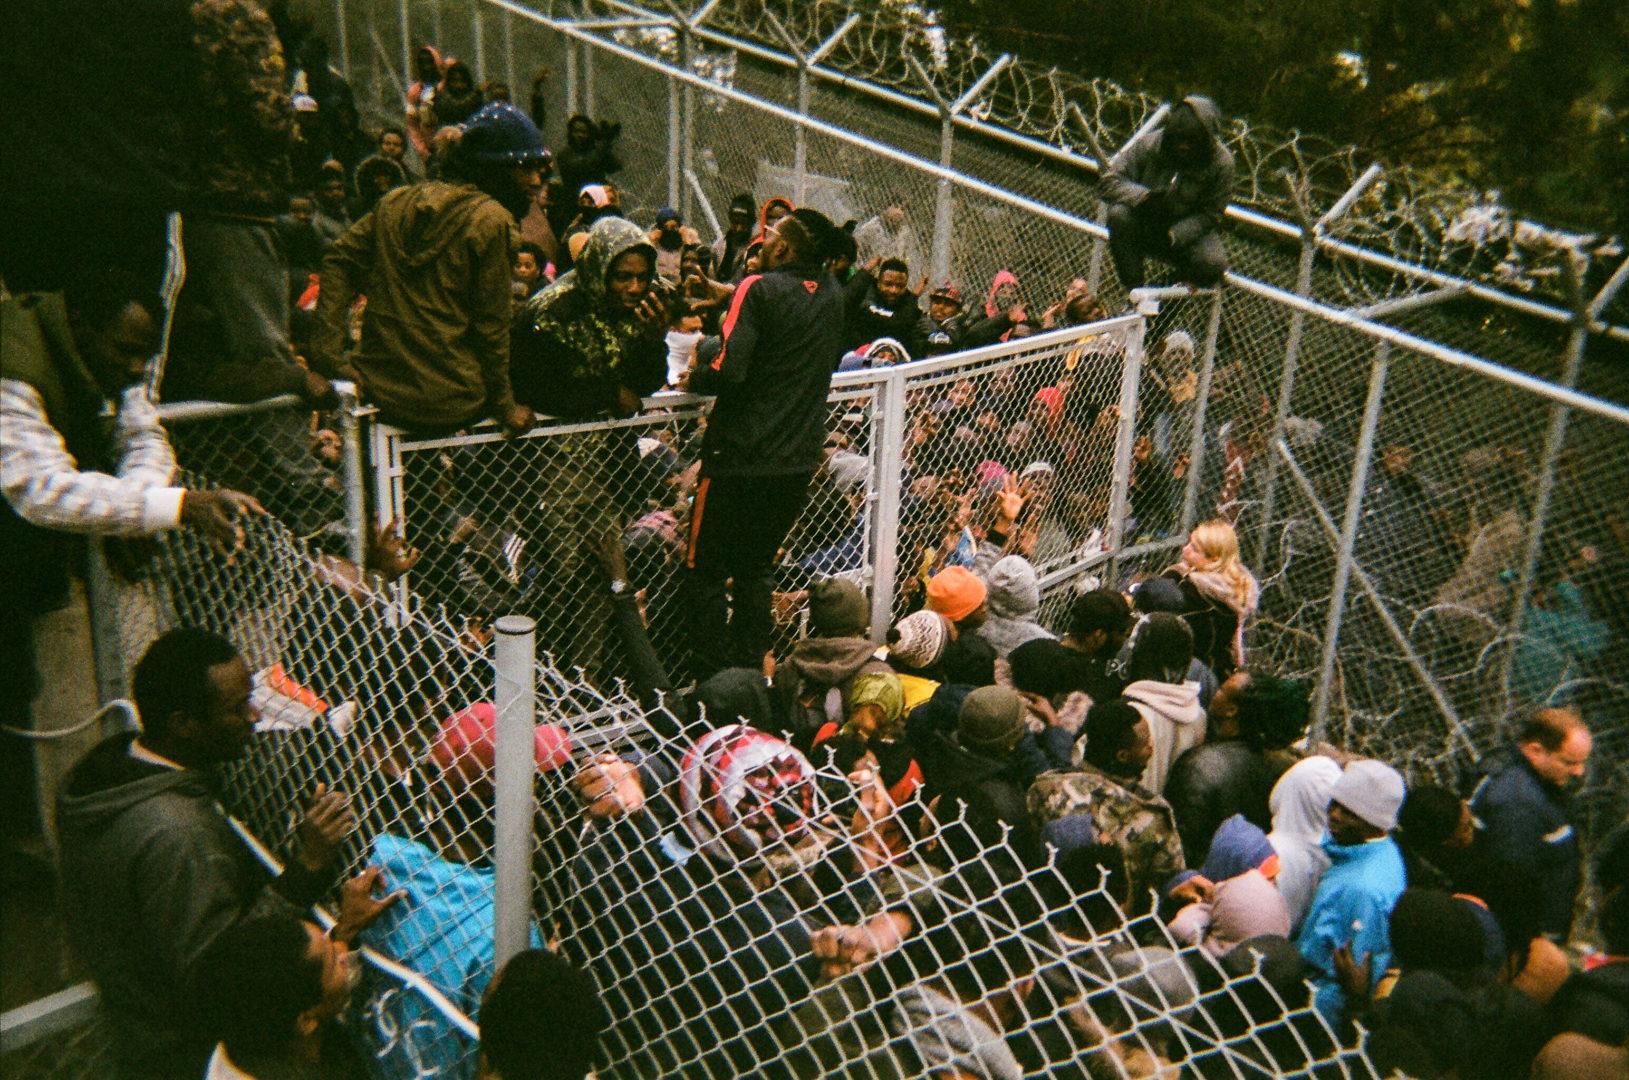 A Torino un progetto fotografico racconta dall'interno il campo profughi di Samos